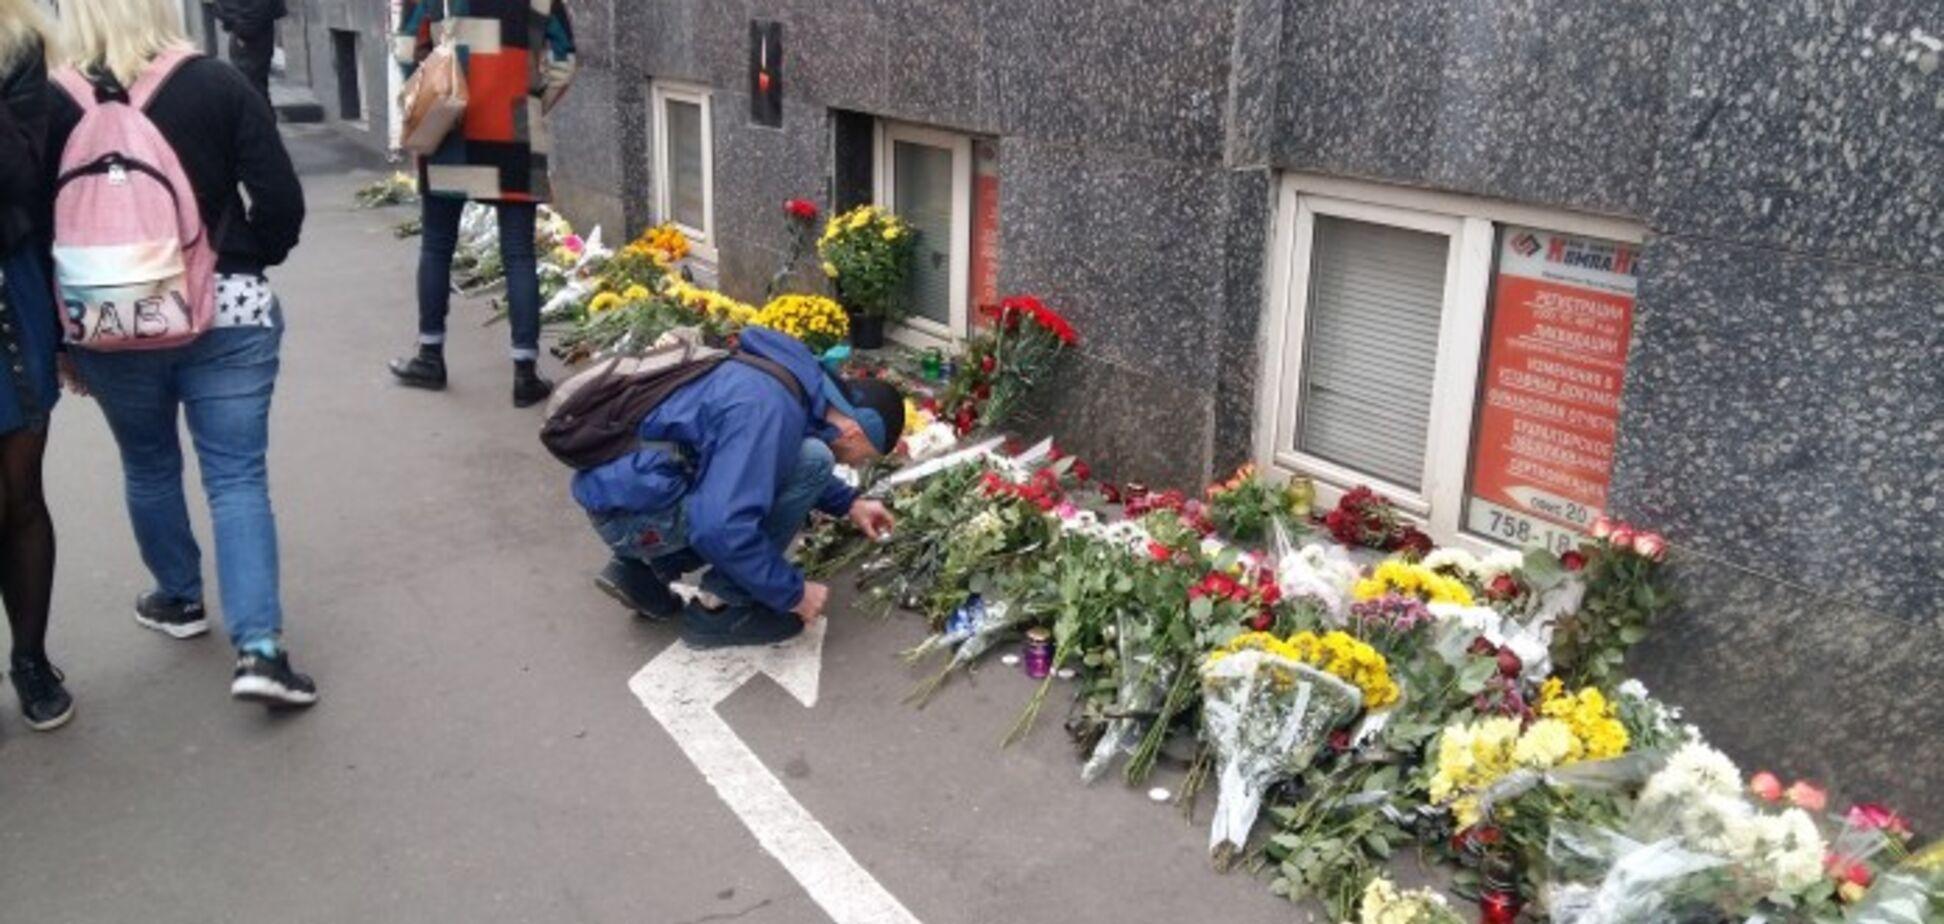 Кровавое ДТП в Харькове: как сейчас выглядит место трагедии. Фотофакт